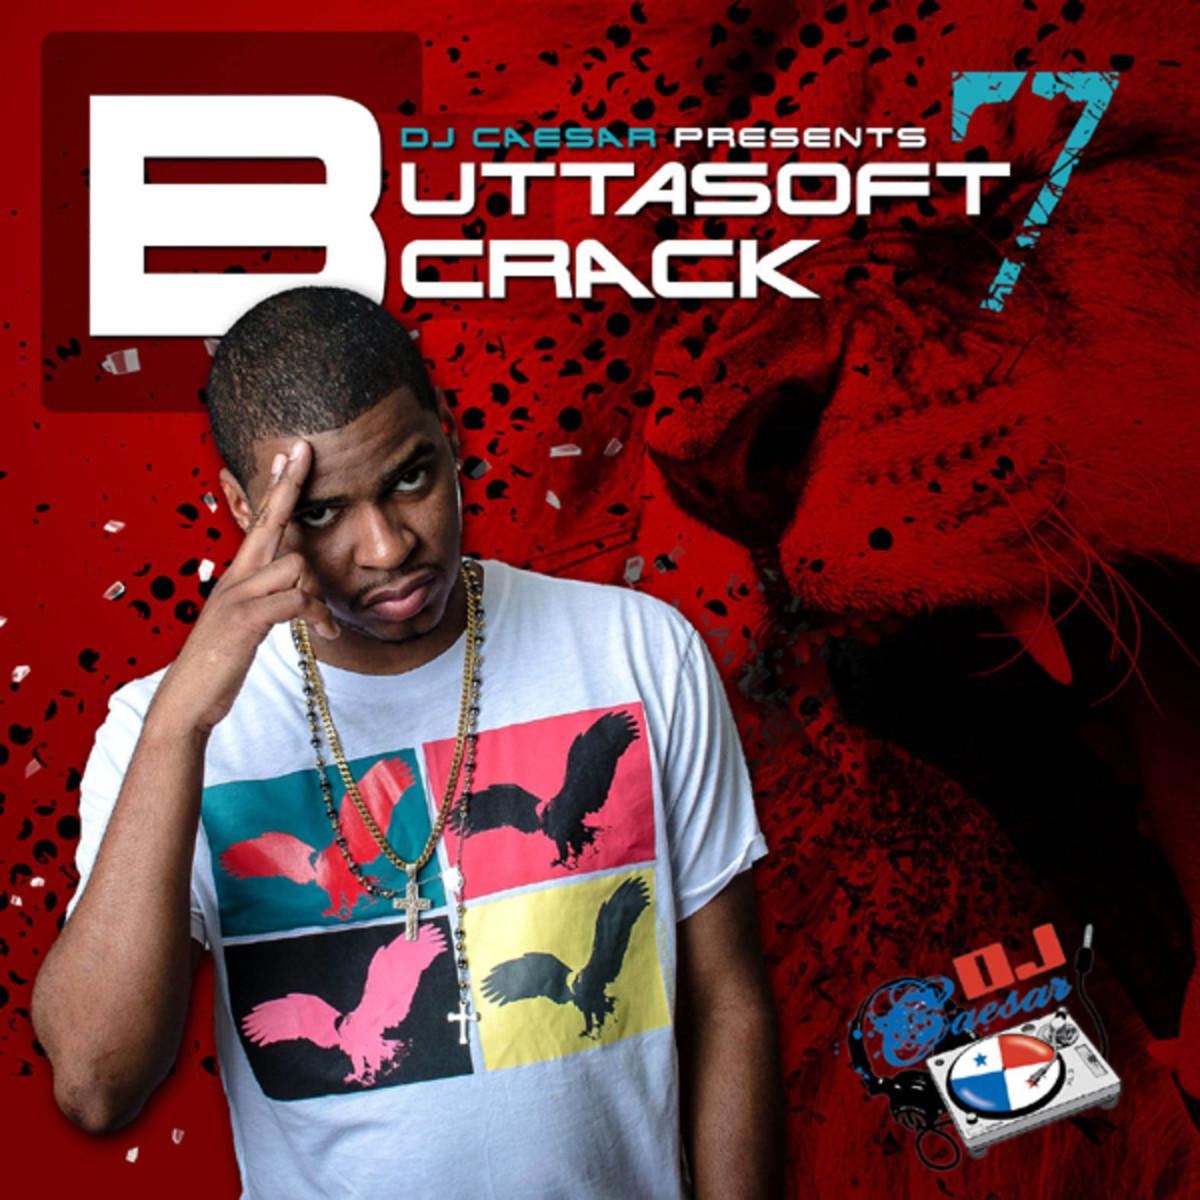 Buttasoft7.jpg